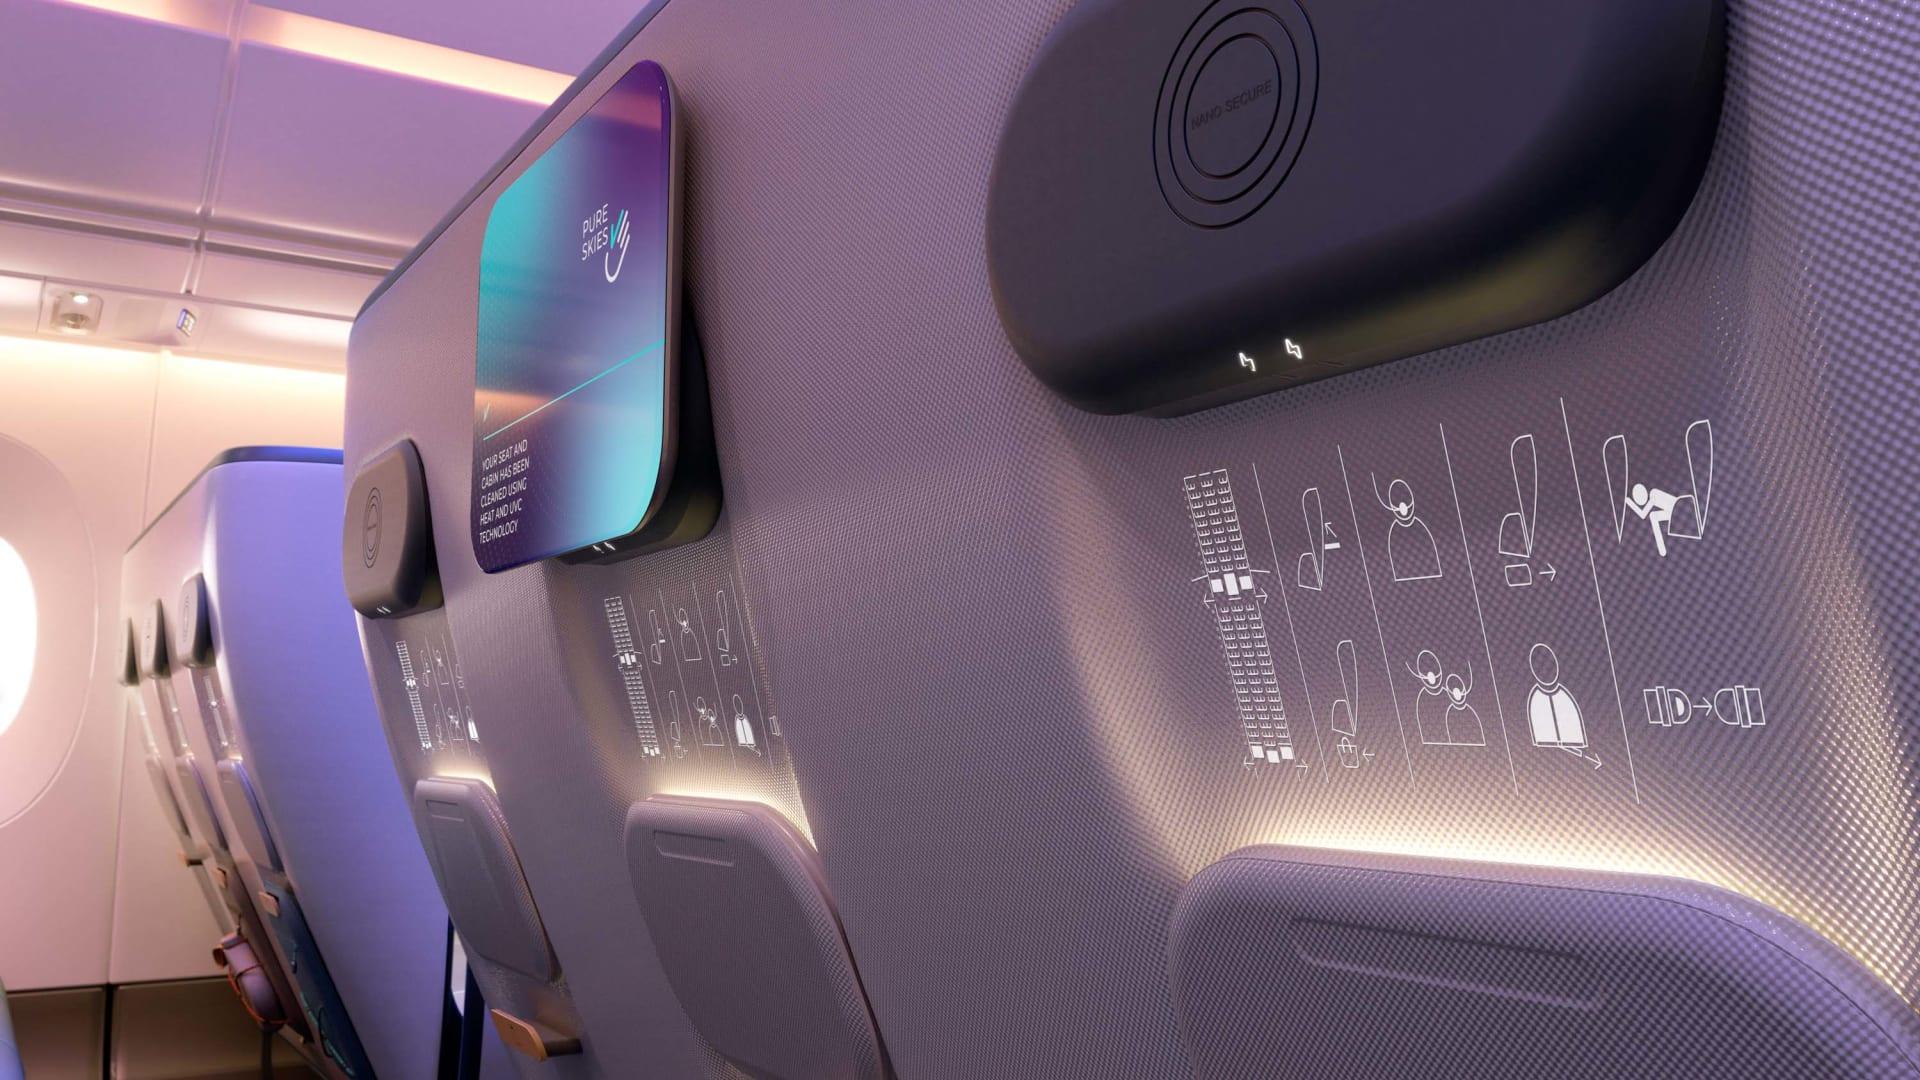 بسبب فيروس كورونا.. هكذا قد تبدو كابينات الطائرات في المستقبل